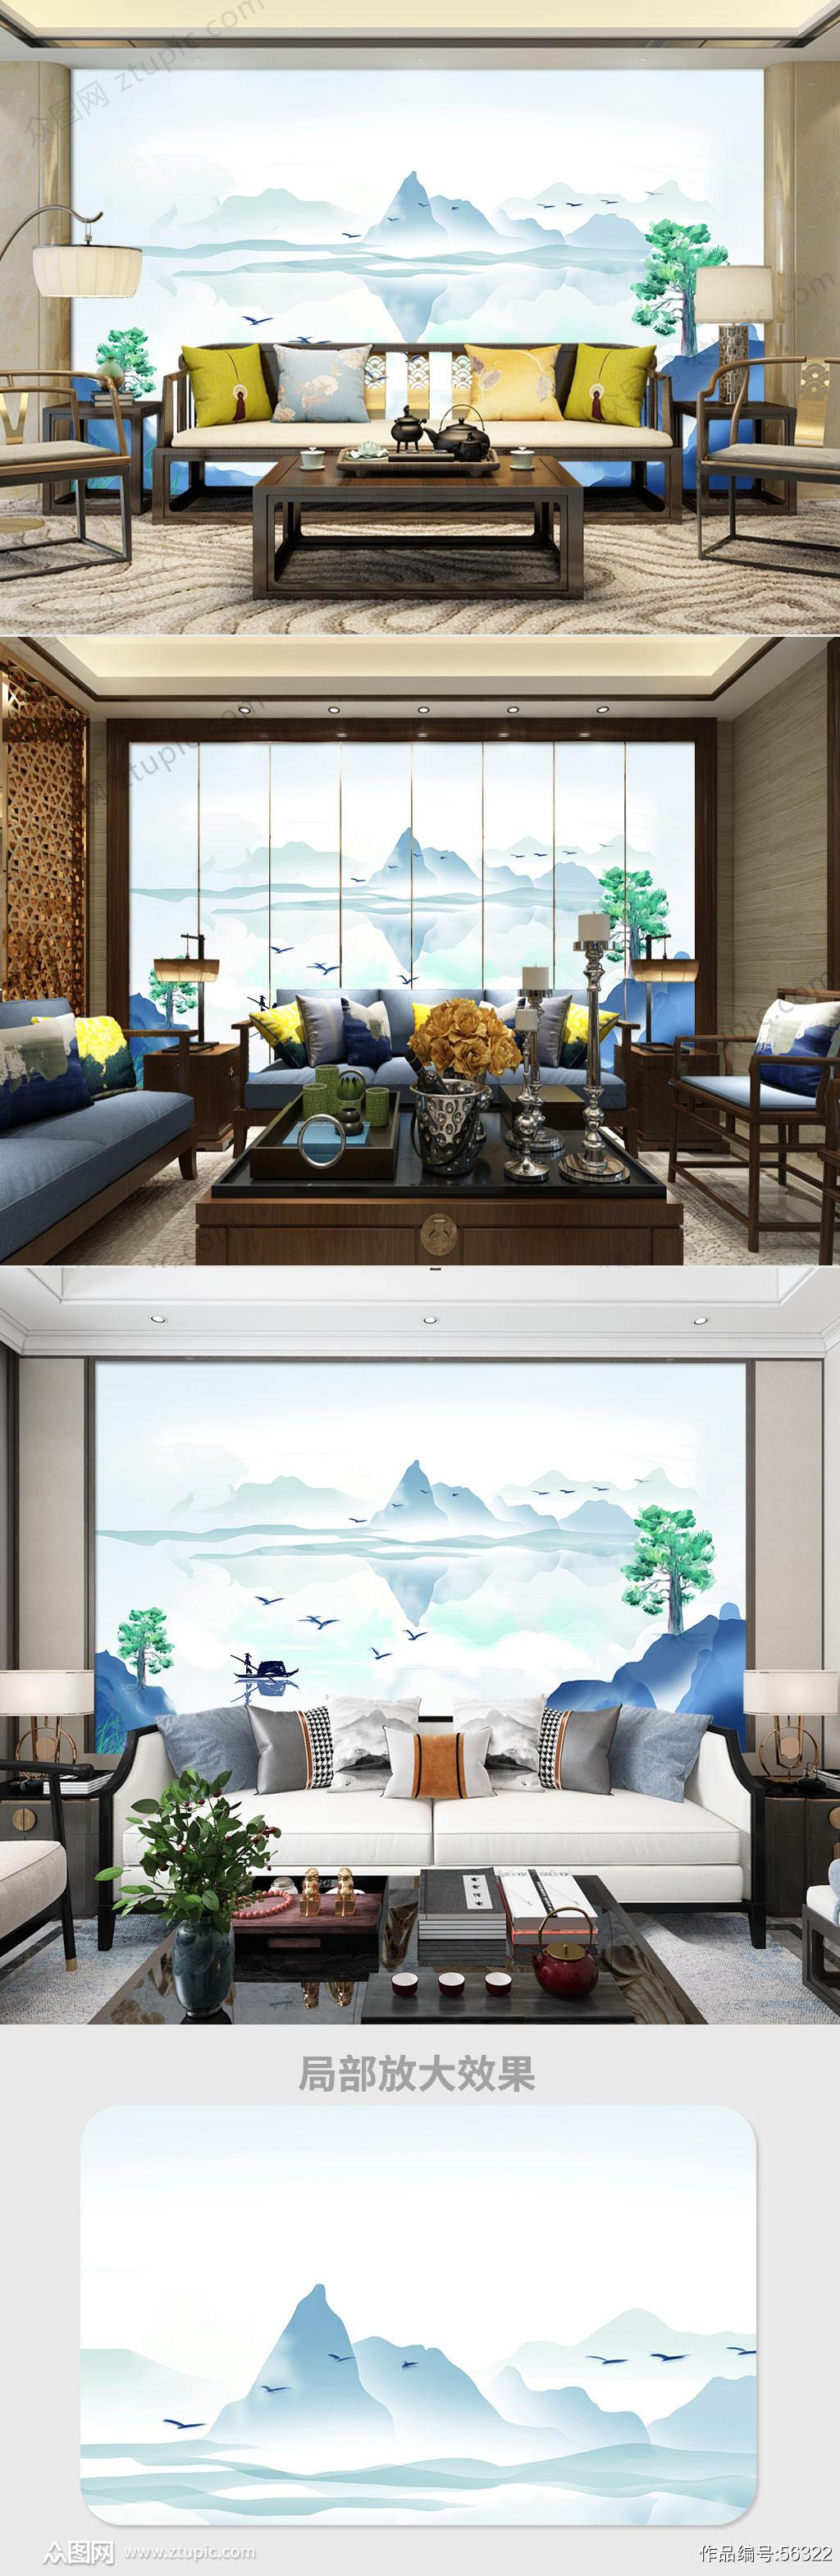 水墨风格客厅电视背景墙素材